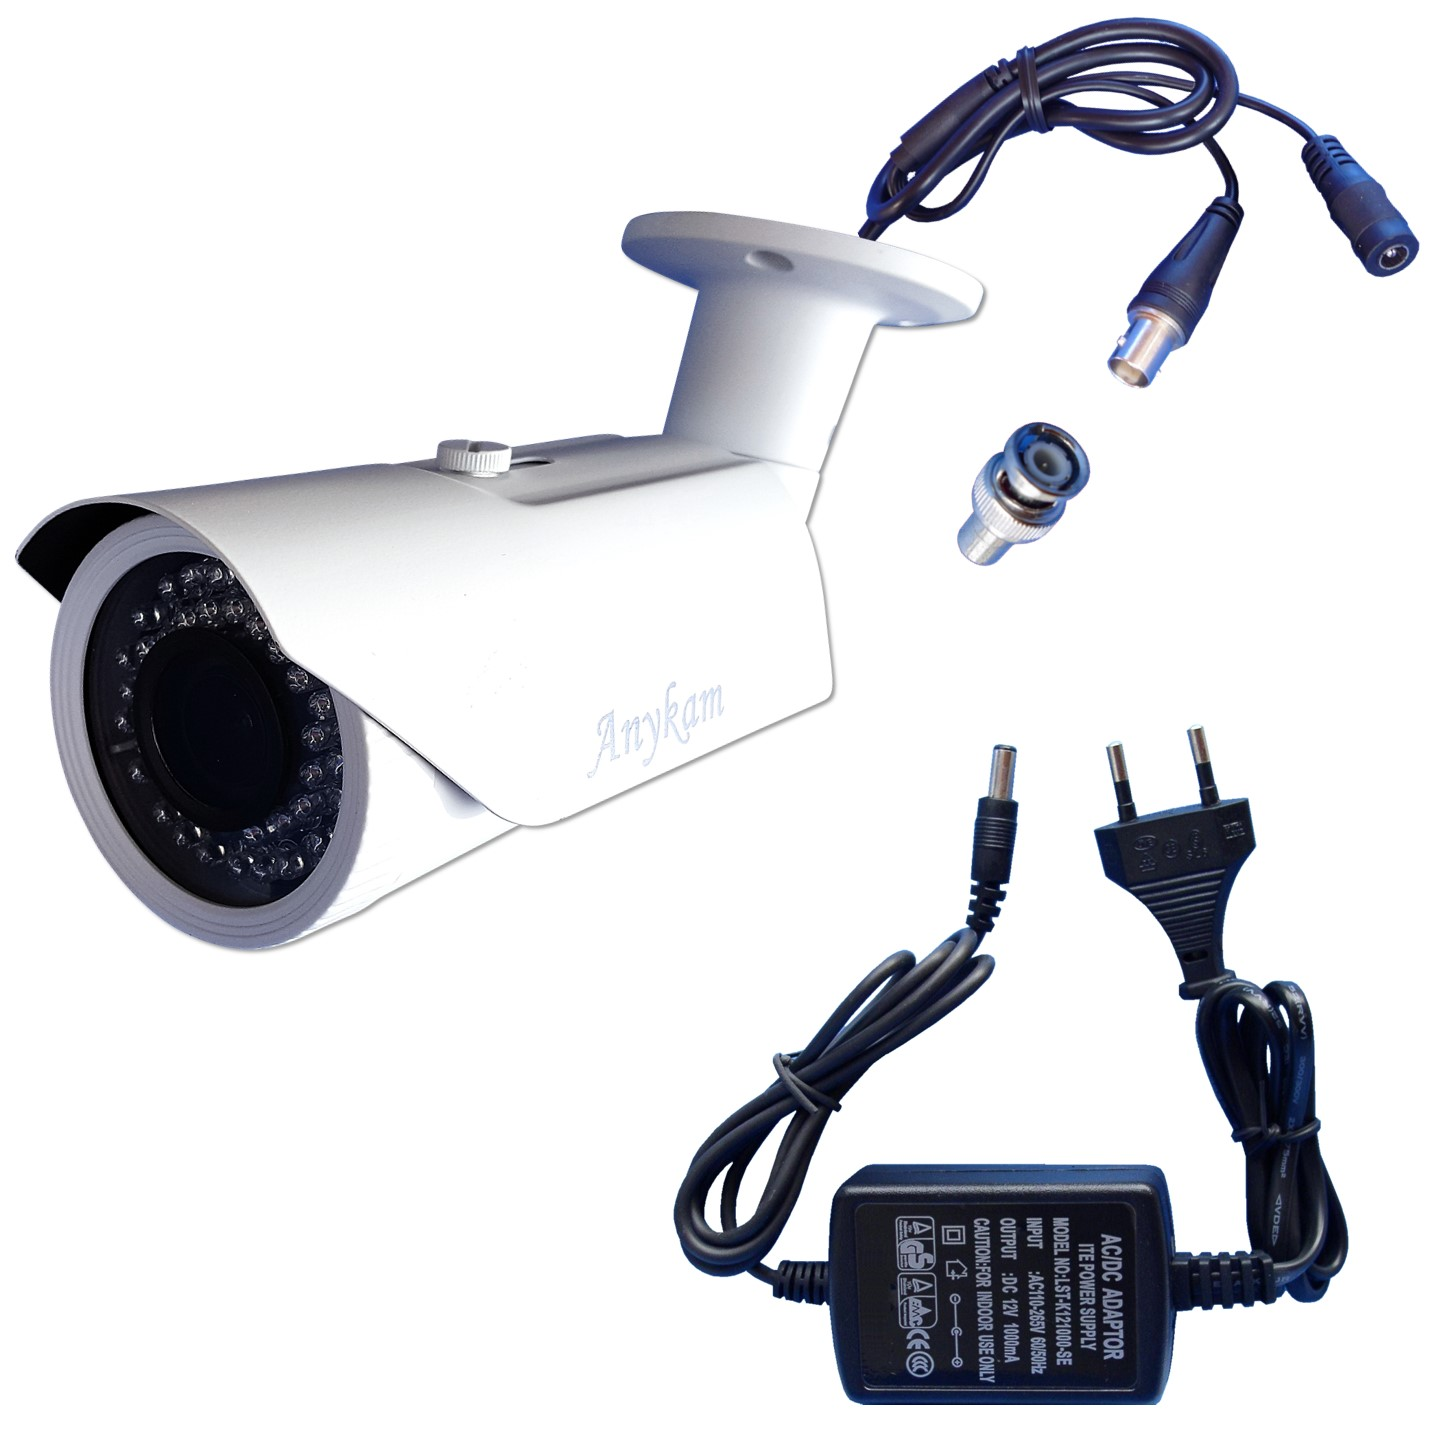 Lieferumfang Infrarotkamera mit 2,1Megapixel bei anykam